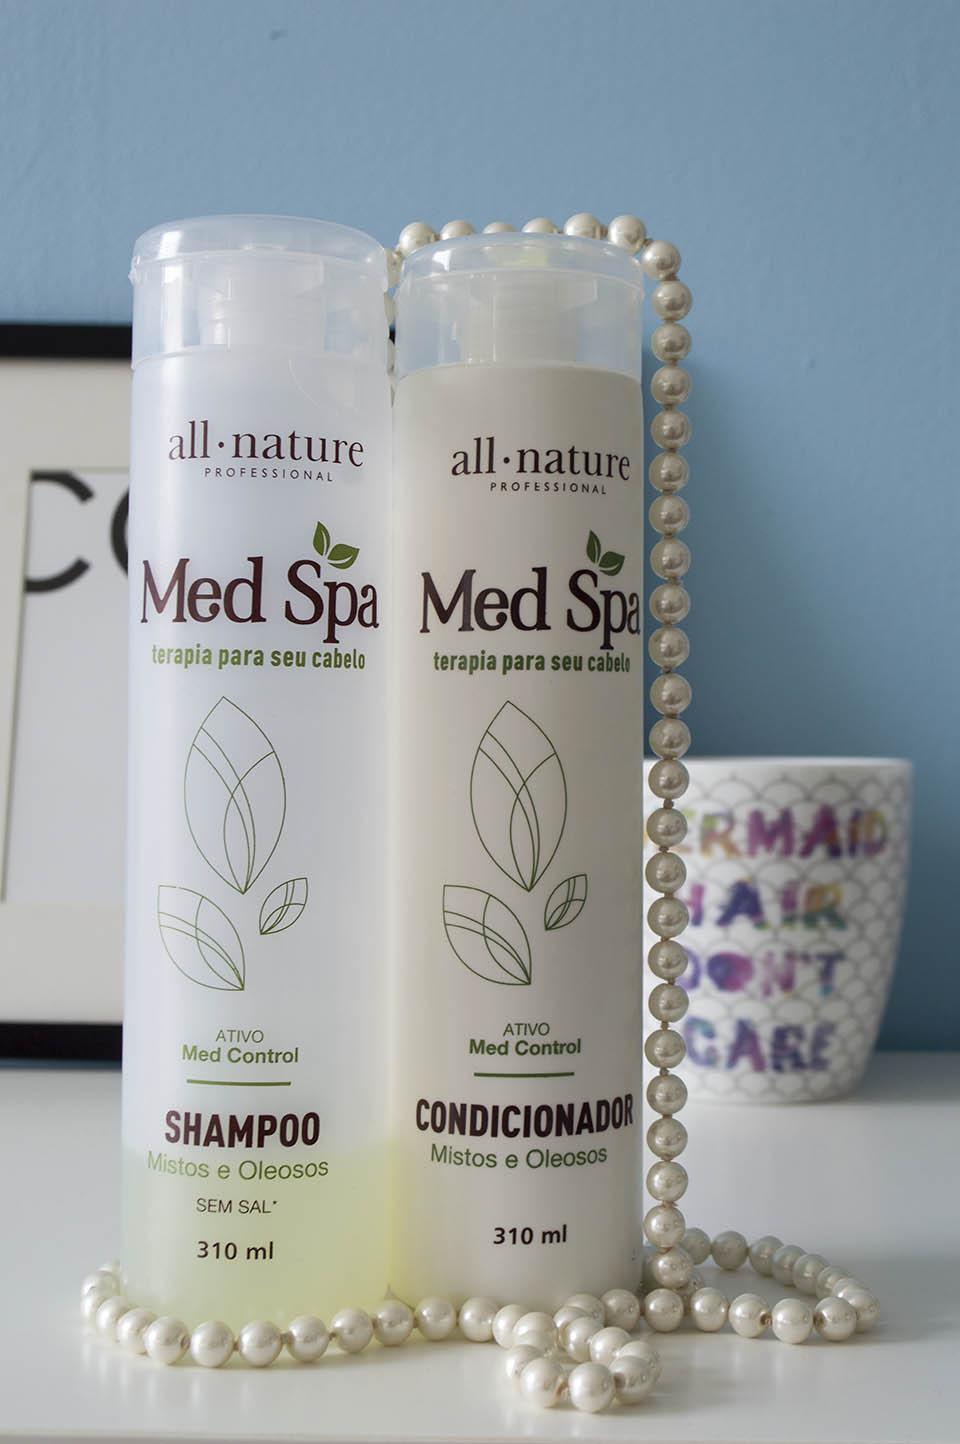 Shampoo para cabelos oleosos da All Nature